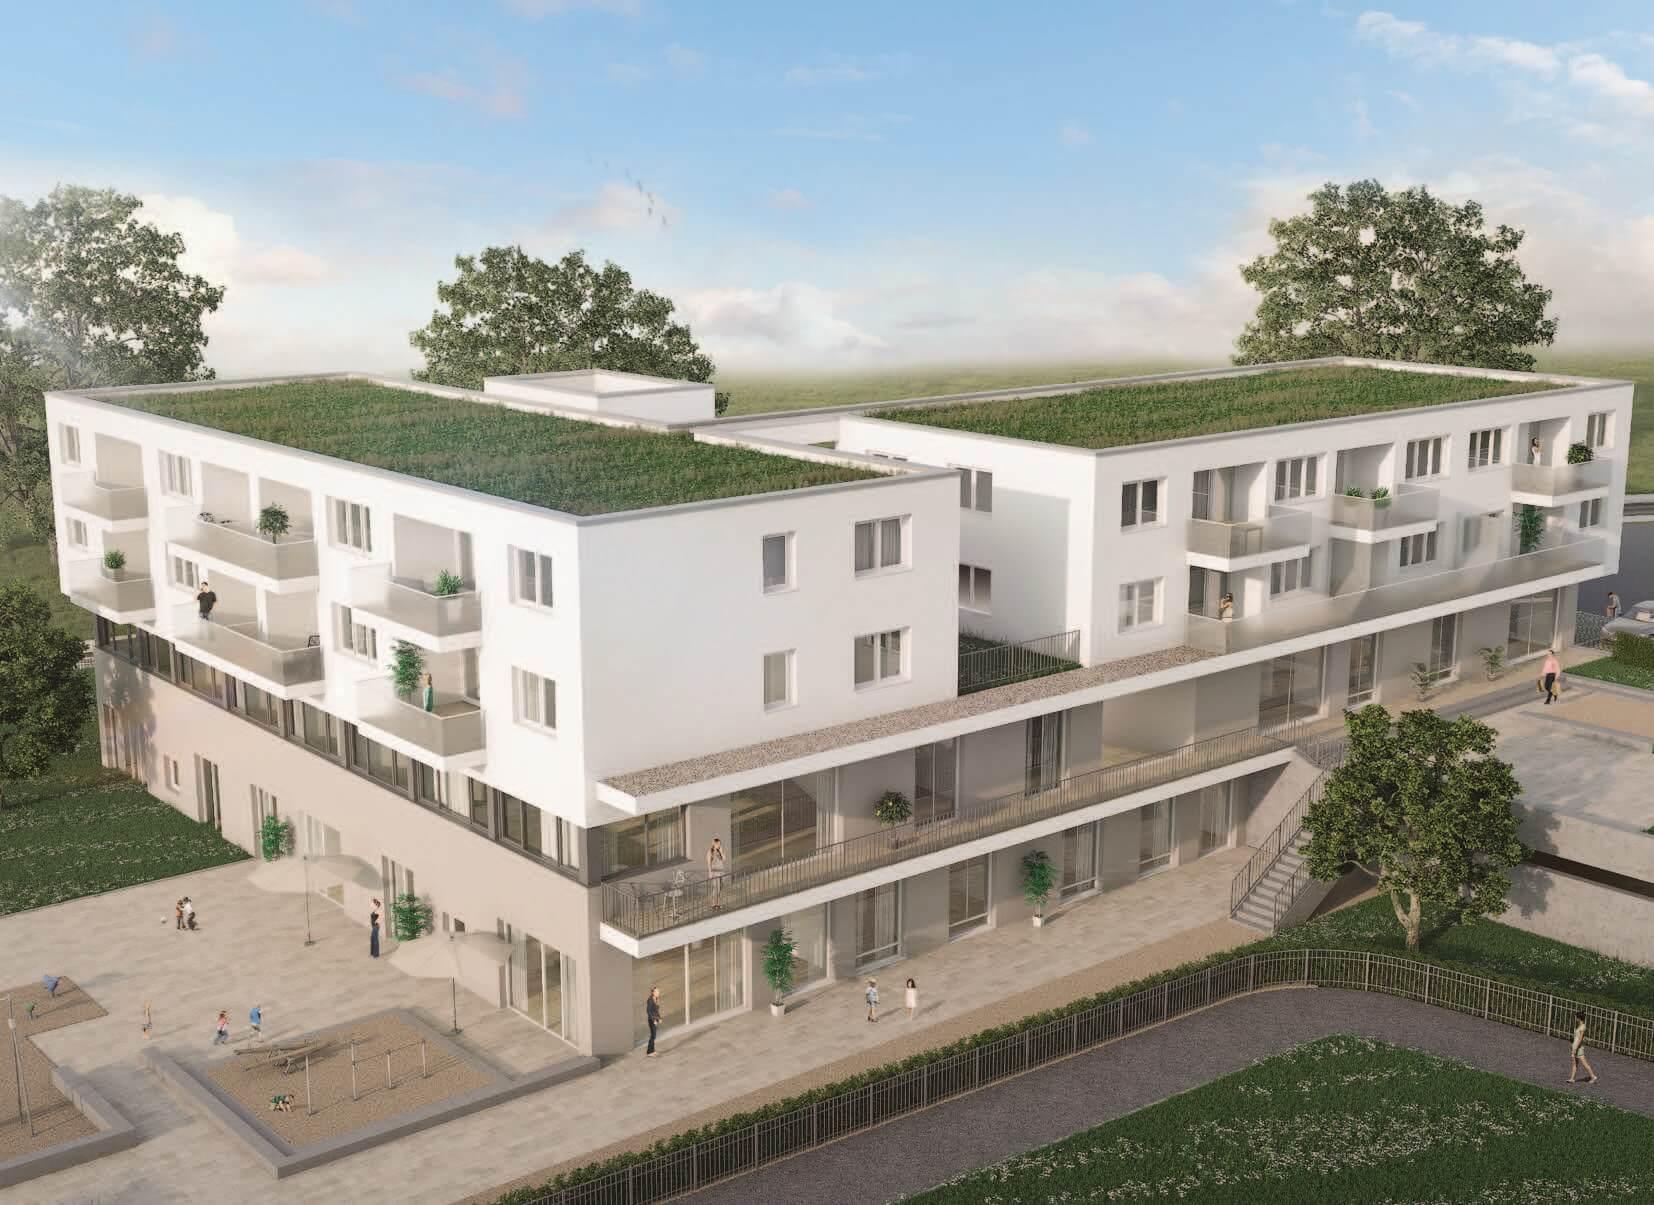 Eigentumswohnungen mit Zukunft, Robert-Bosch-Straße, Rutesheim